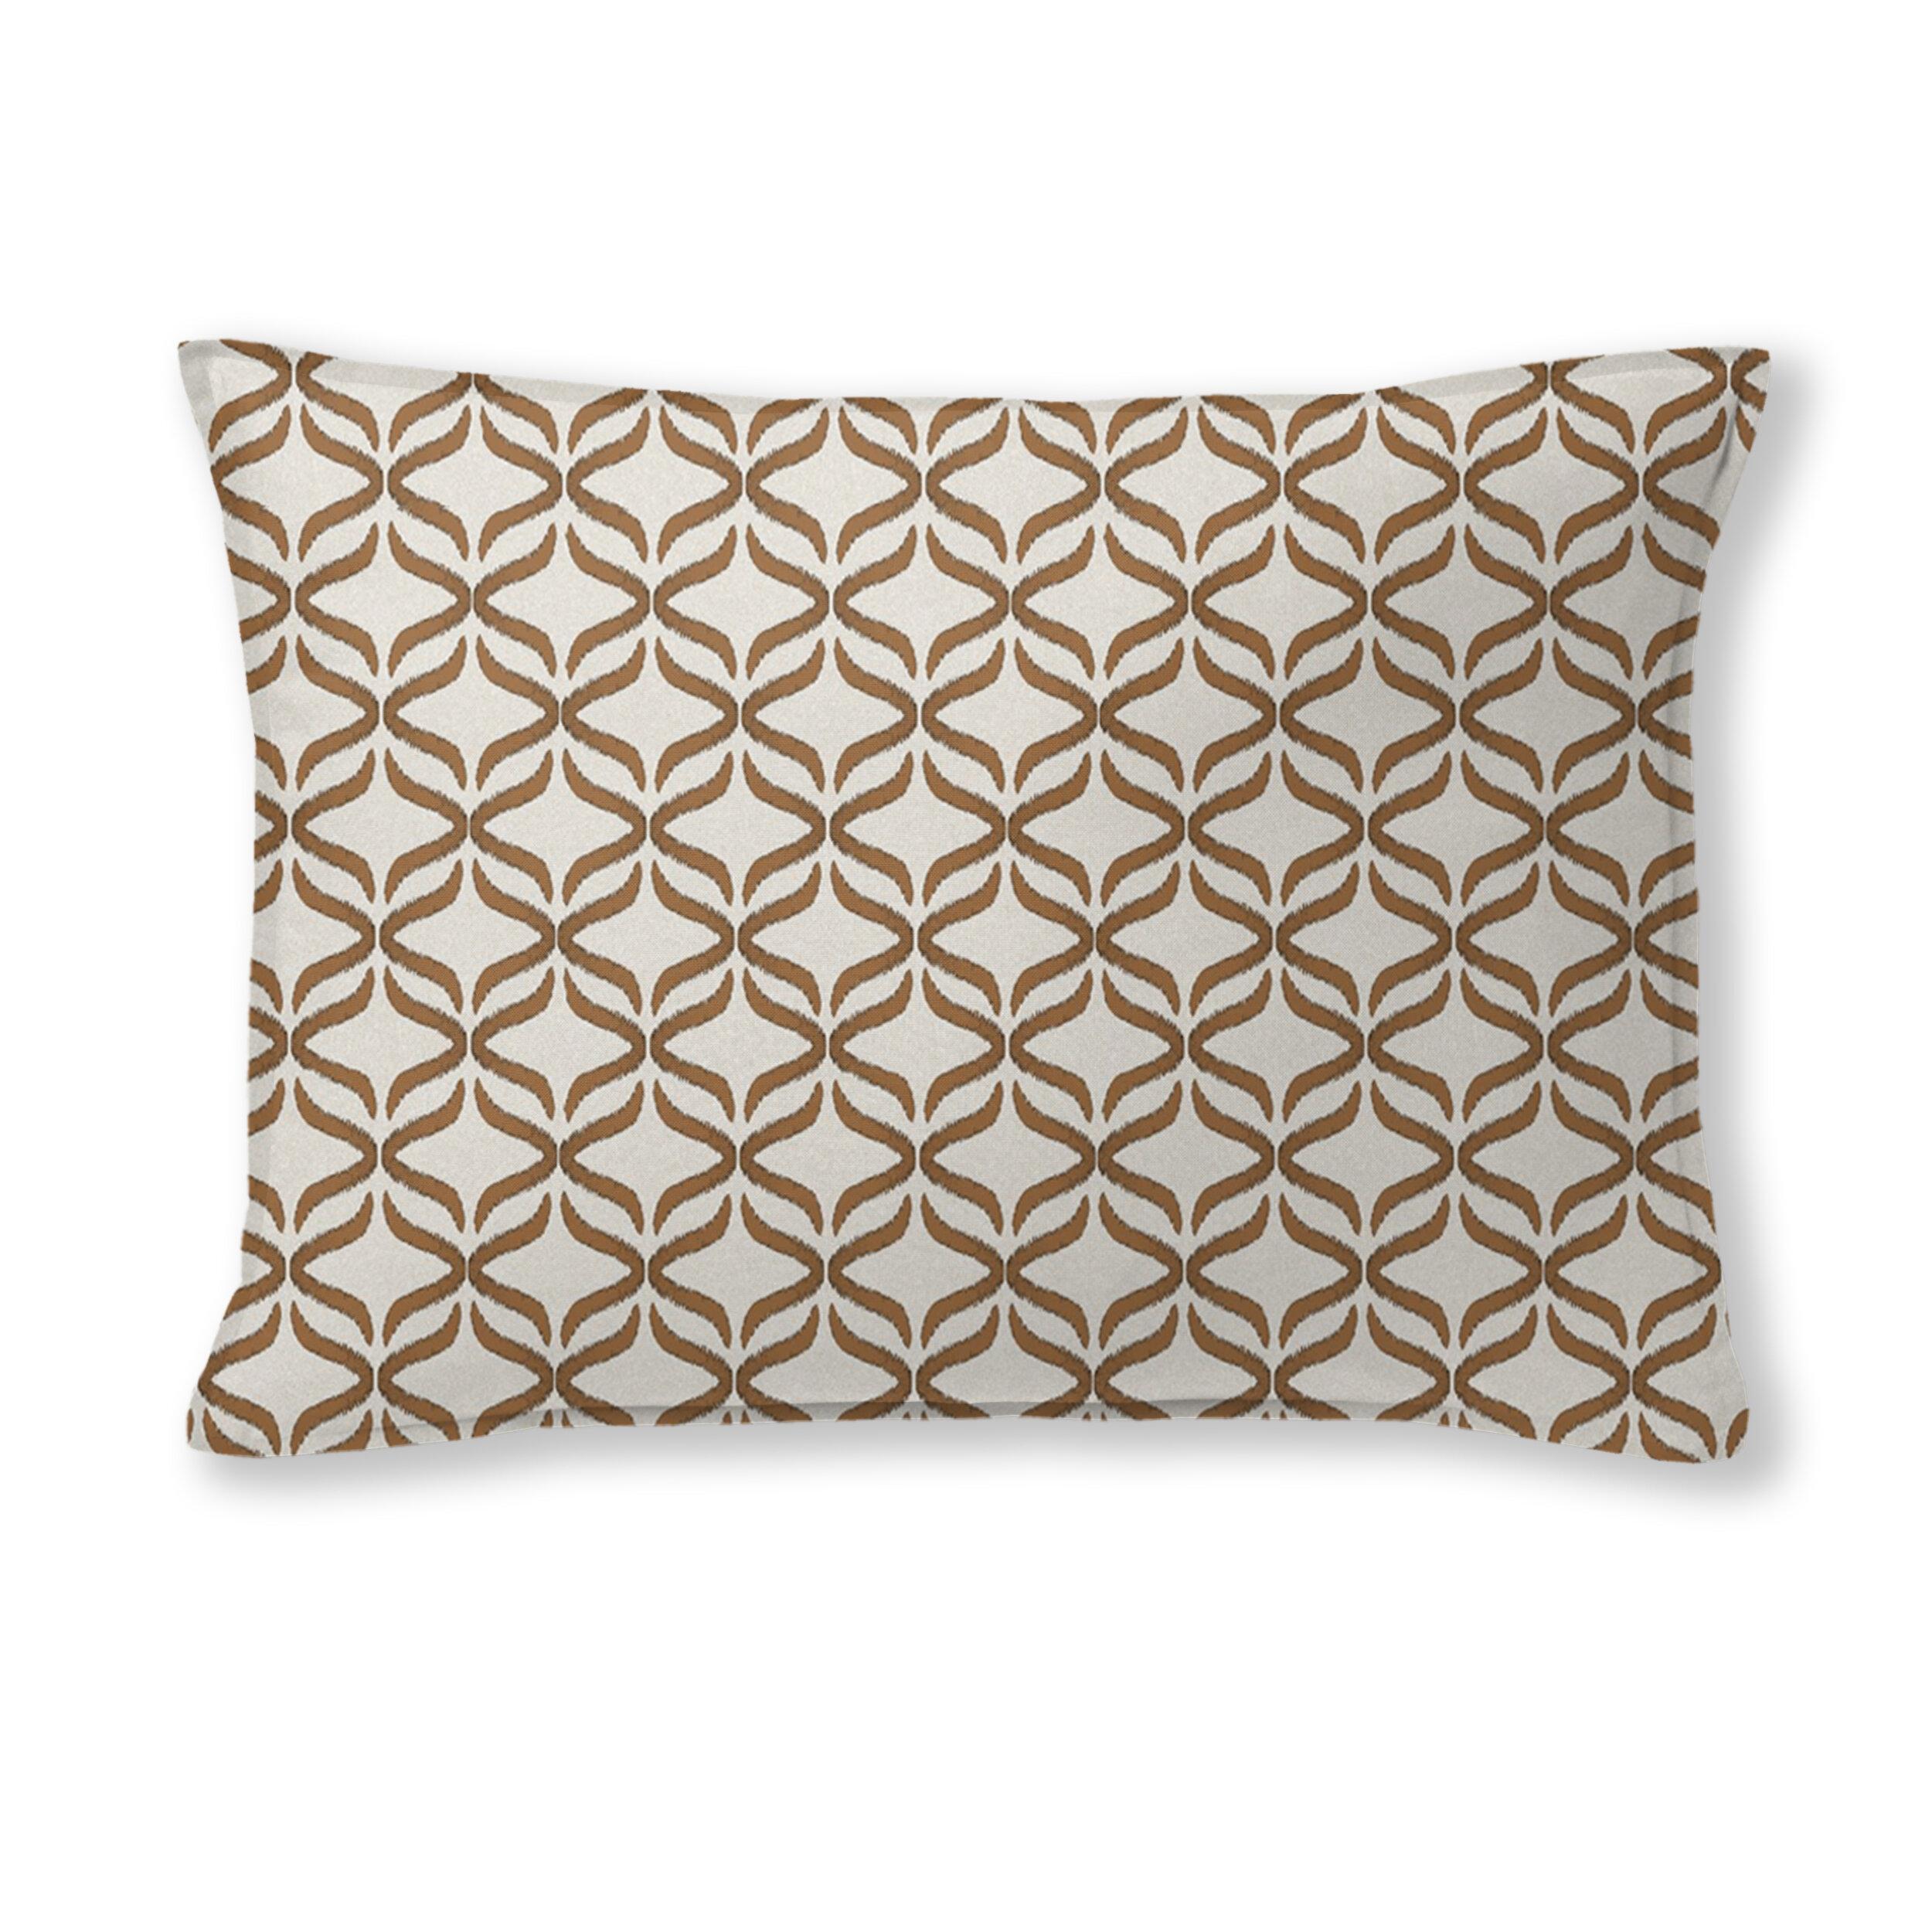 Colcha Linens Nix Rectangular Cotton Pillow Cover Insert Wayfair